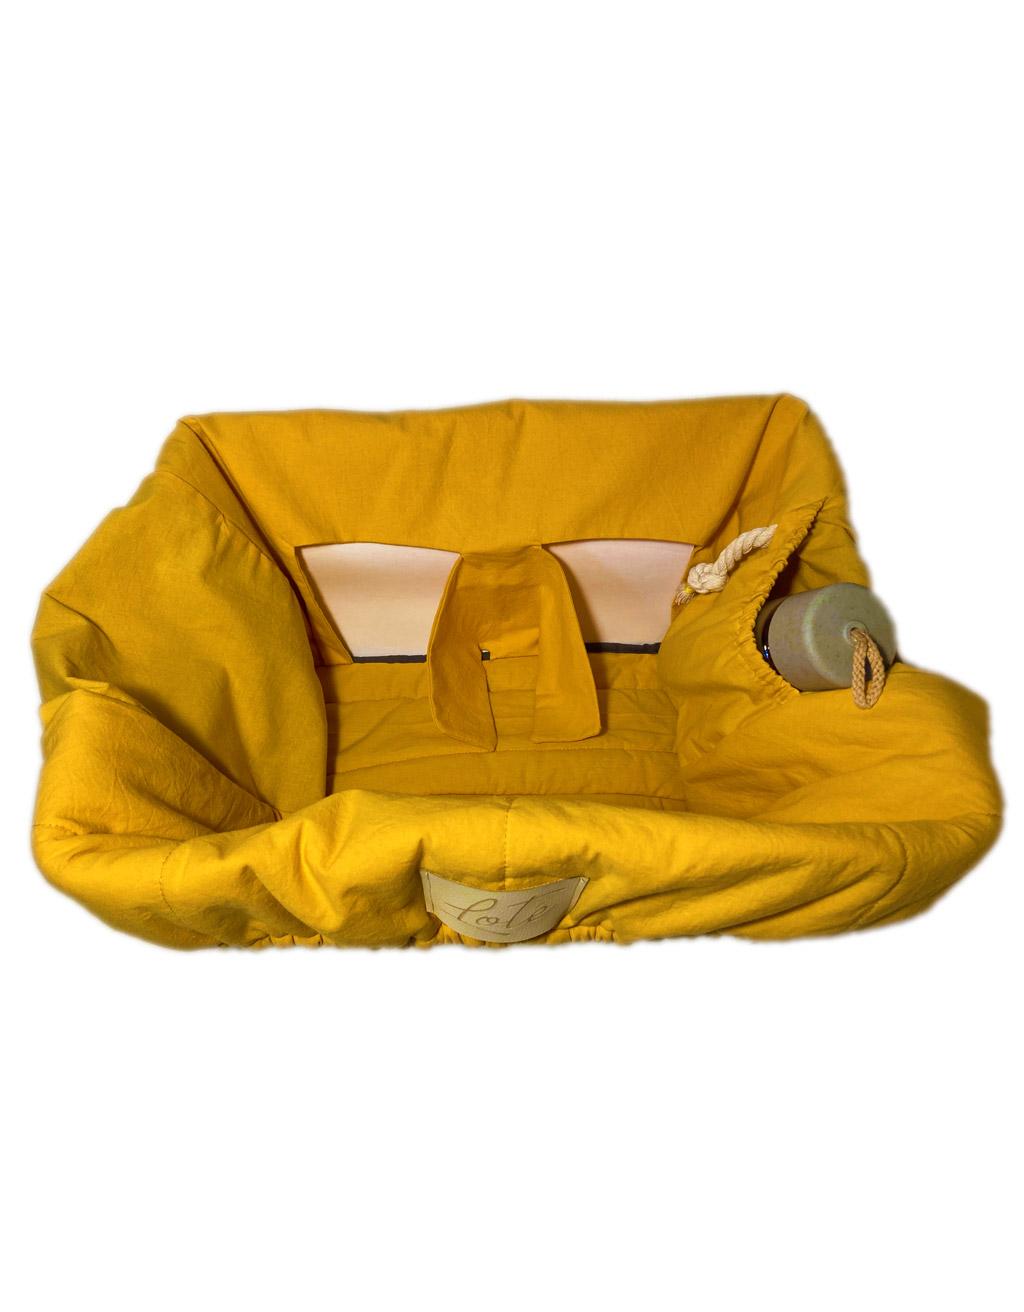 Loté - Bevásárlókocsi huzat - Belső zseb a kincseknek, kulacsnak